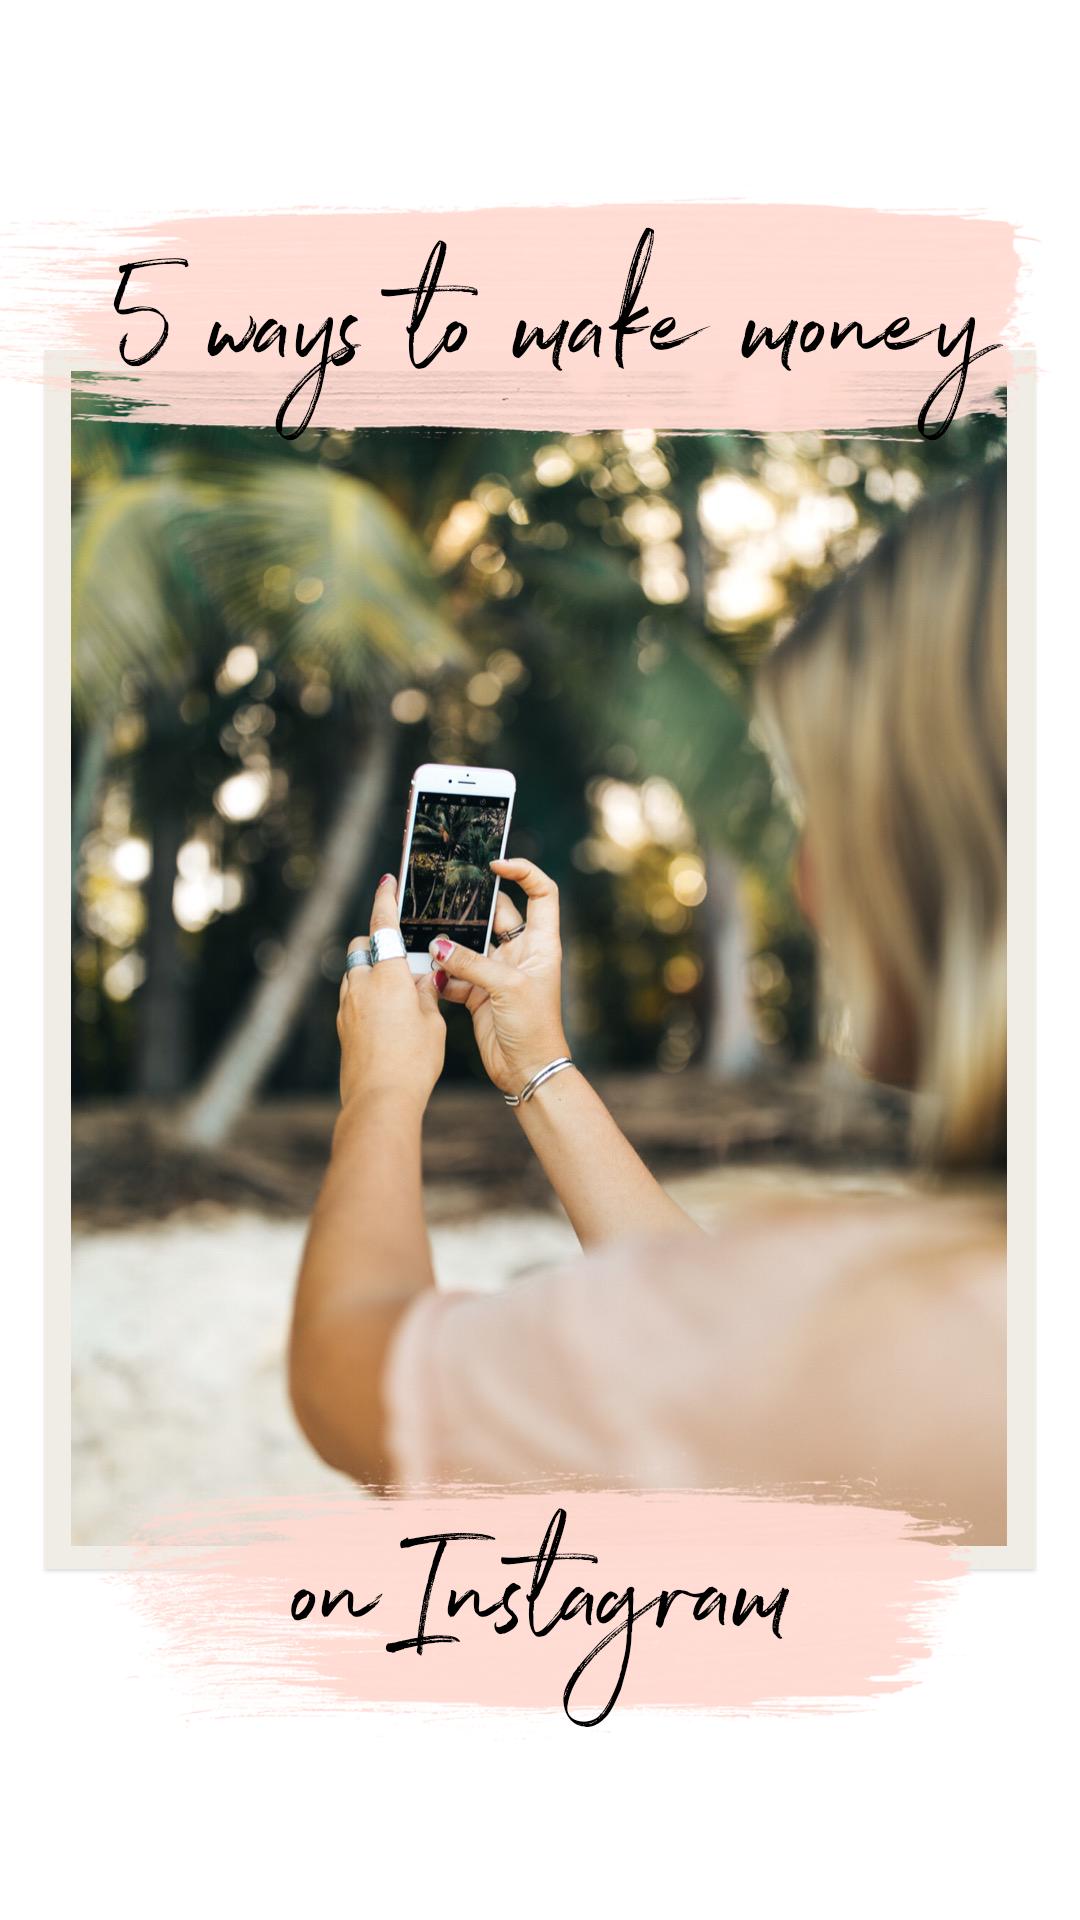 How to make money on Instagram! Social media entrepreneurship.